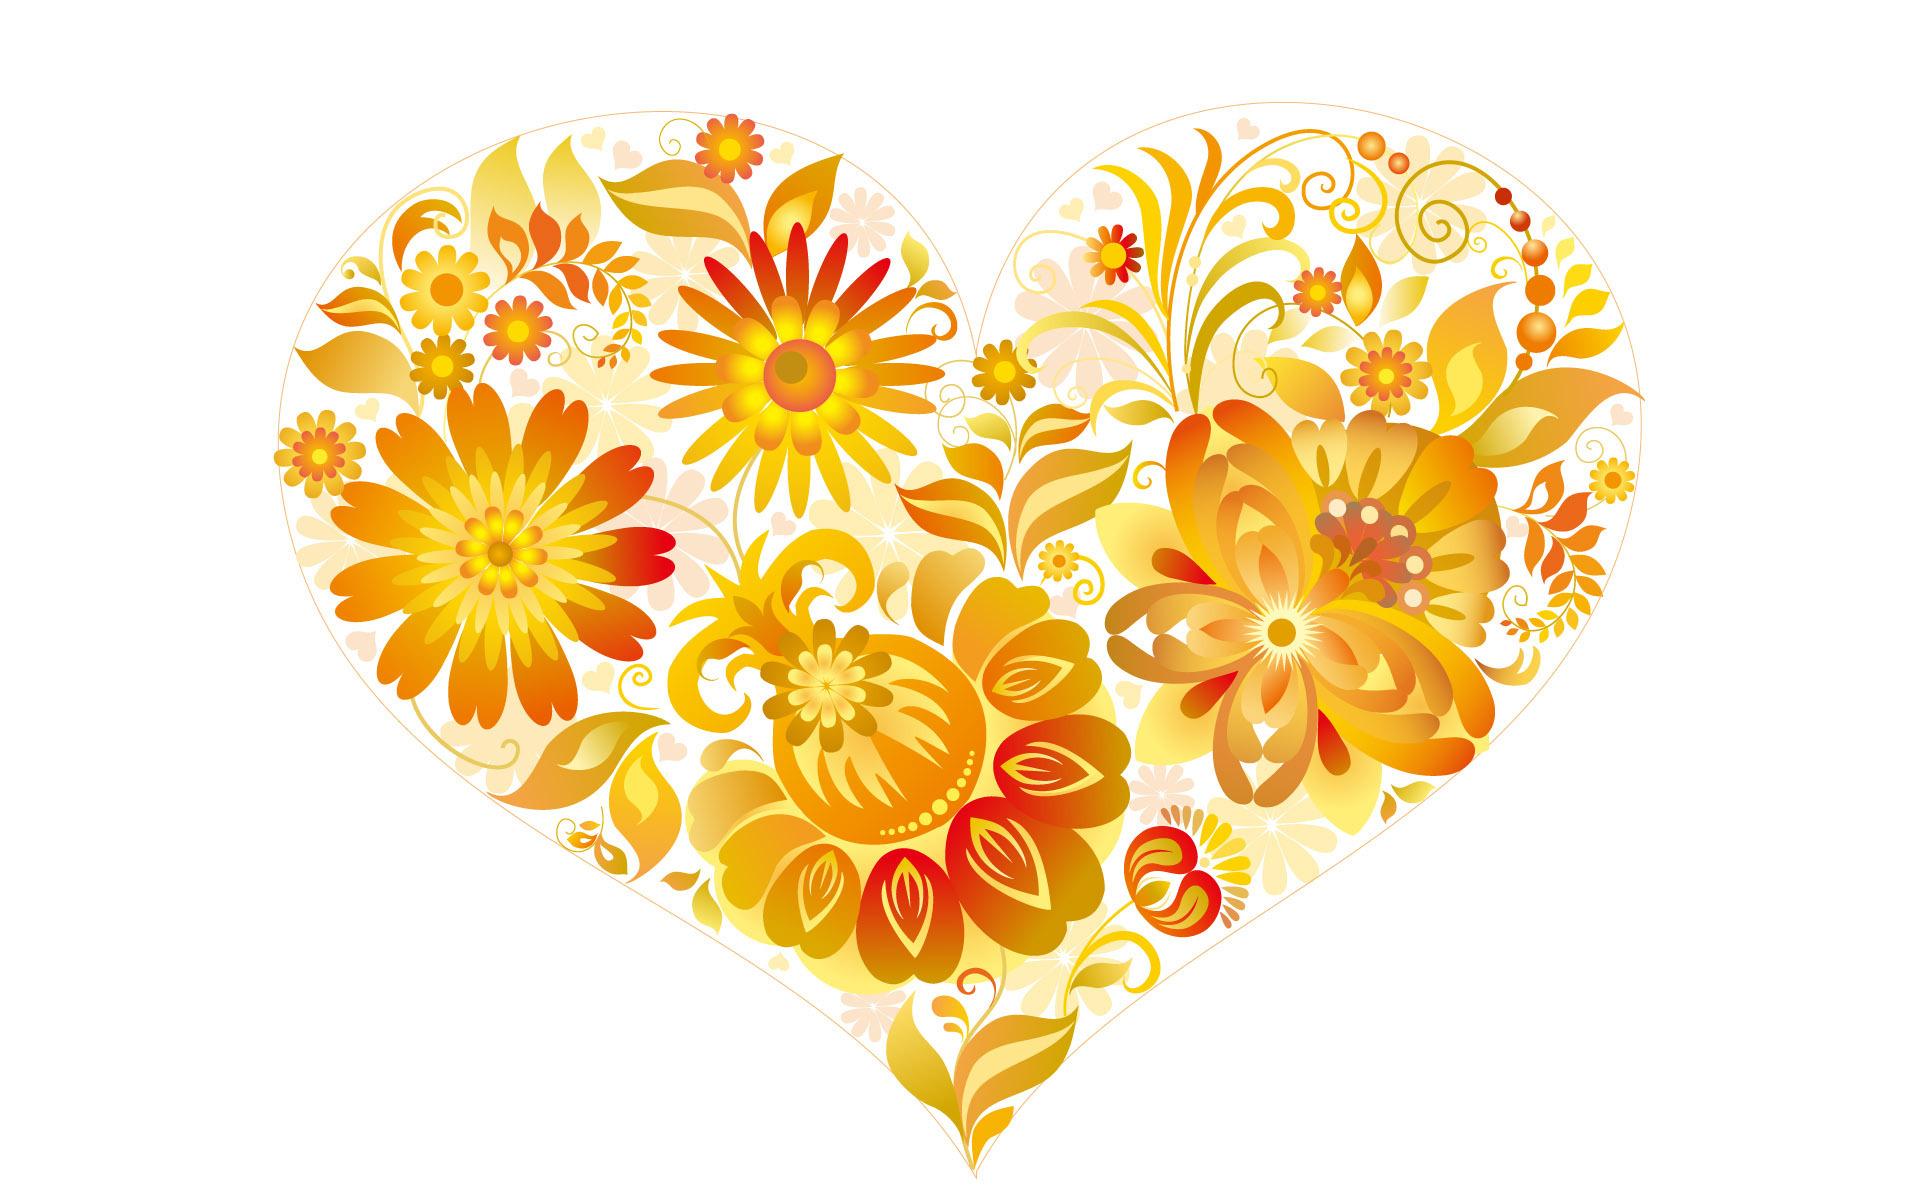 صور قلوب وحب ورومانسية وصورة قلب HD  (4)